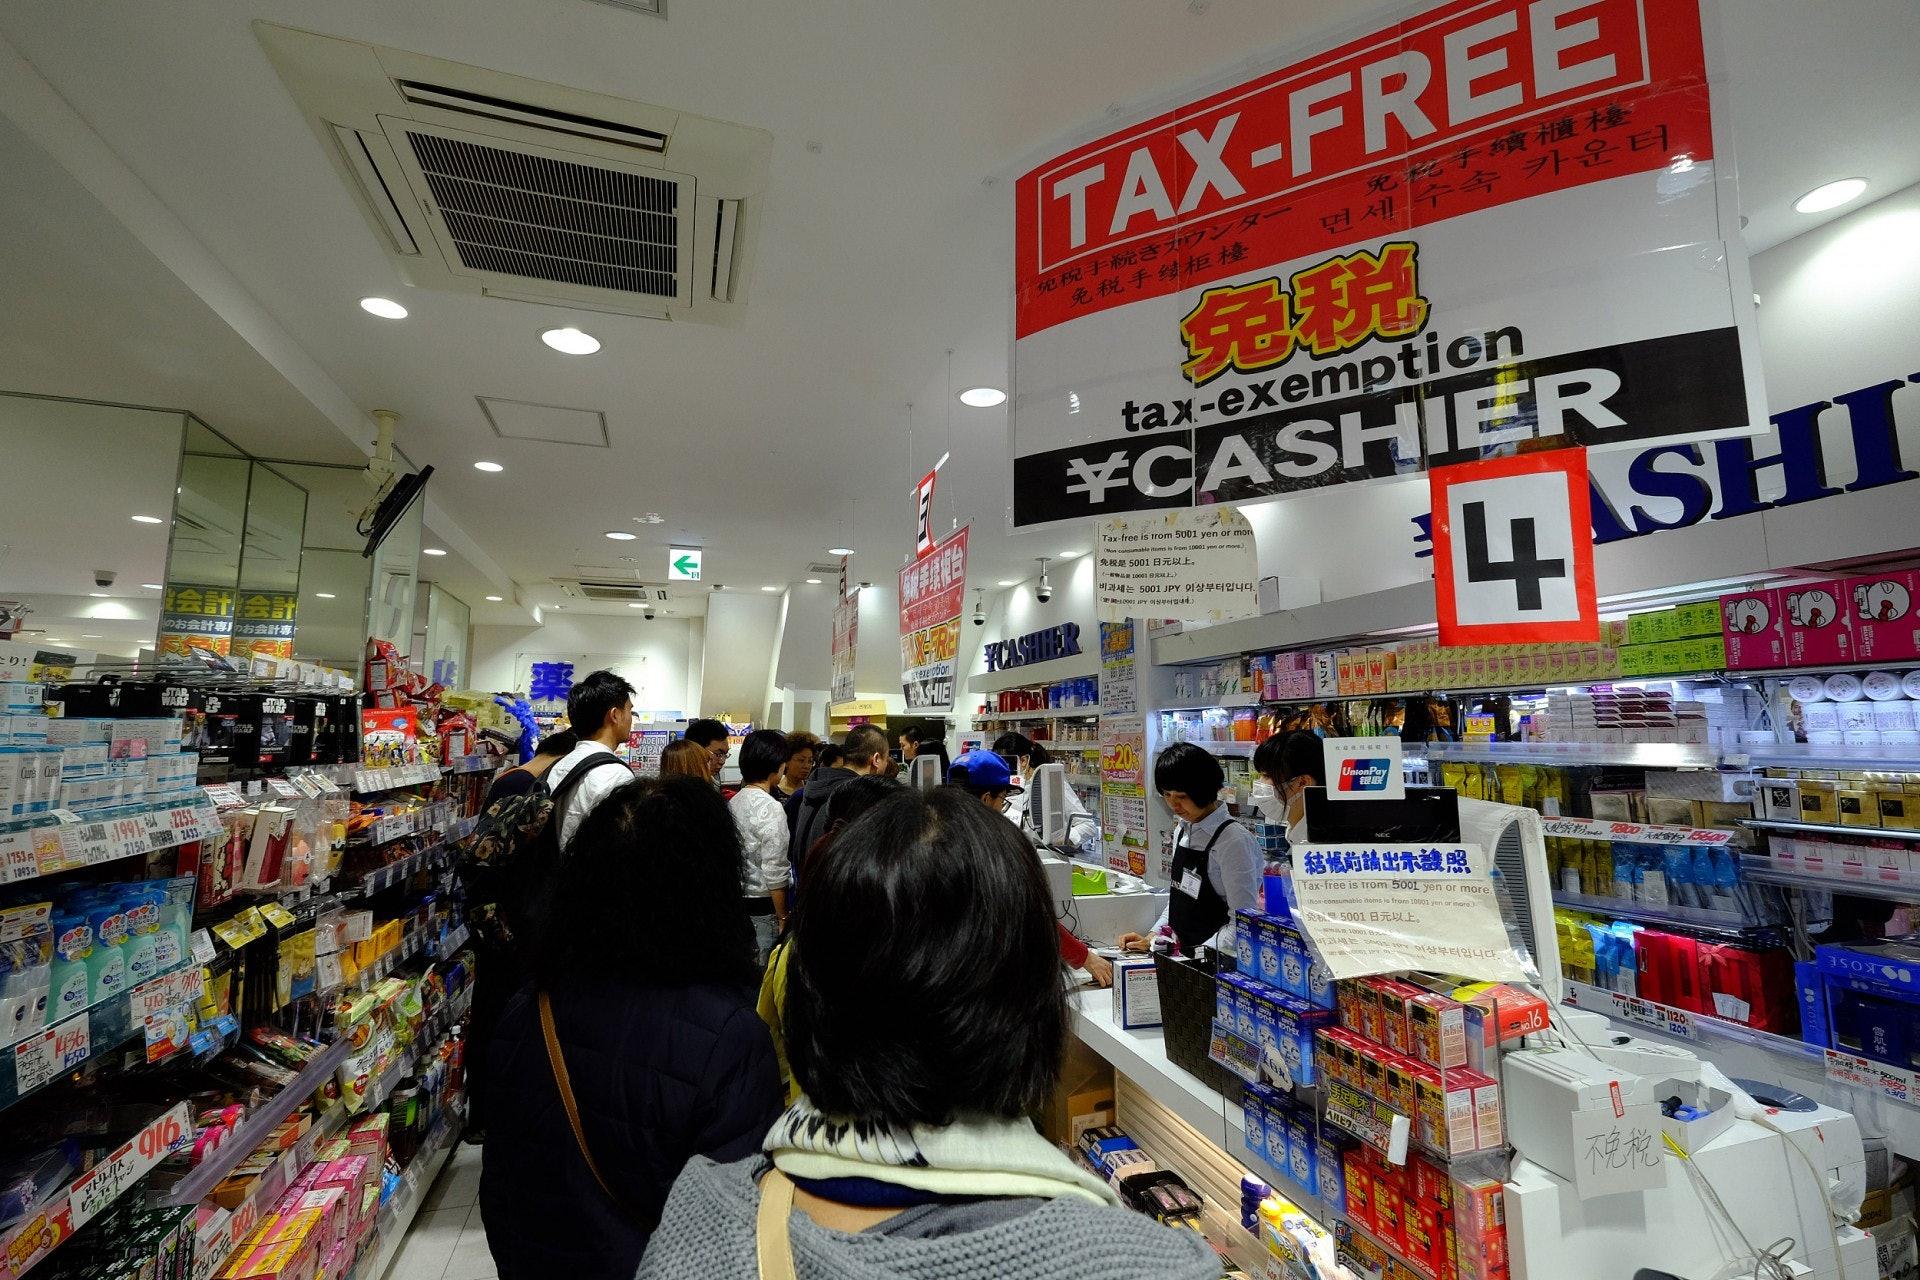 在新稅制下,外國遊客只要於同一商店內購物金額超過5,000日圓、而不多於50萬日圓,即可申請退稅。(視覺中國)